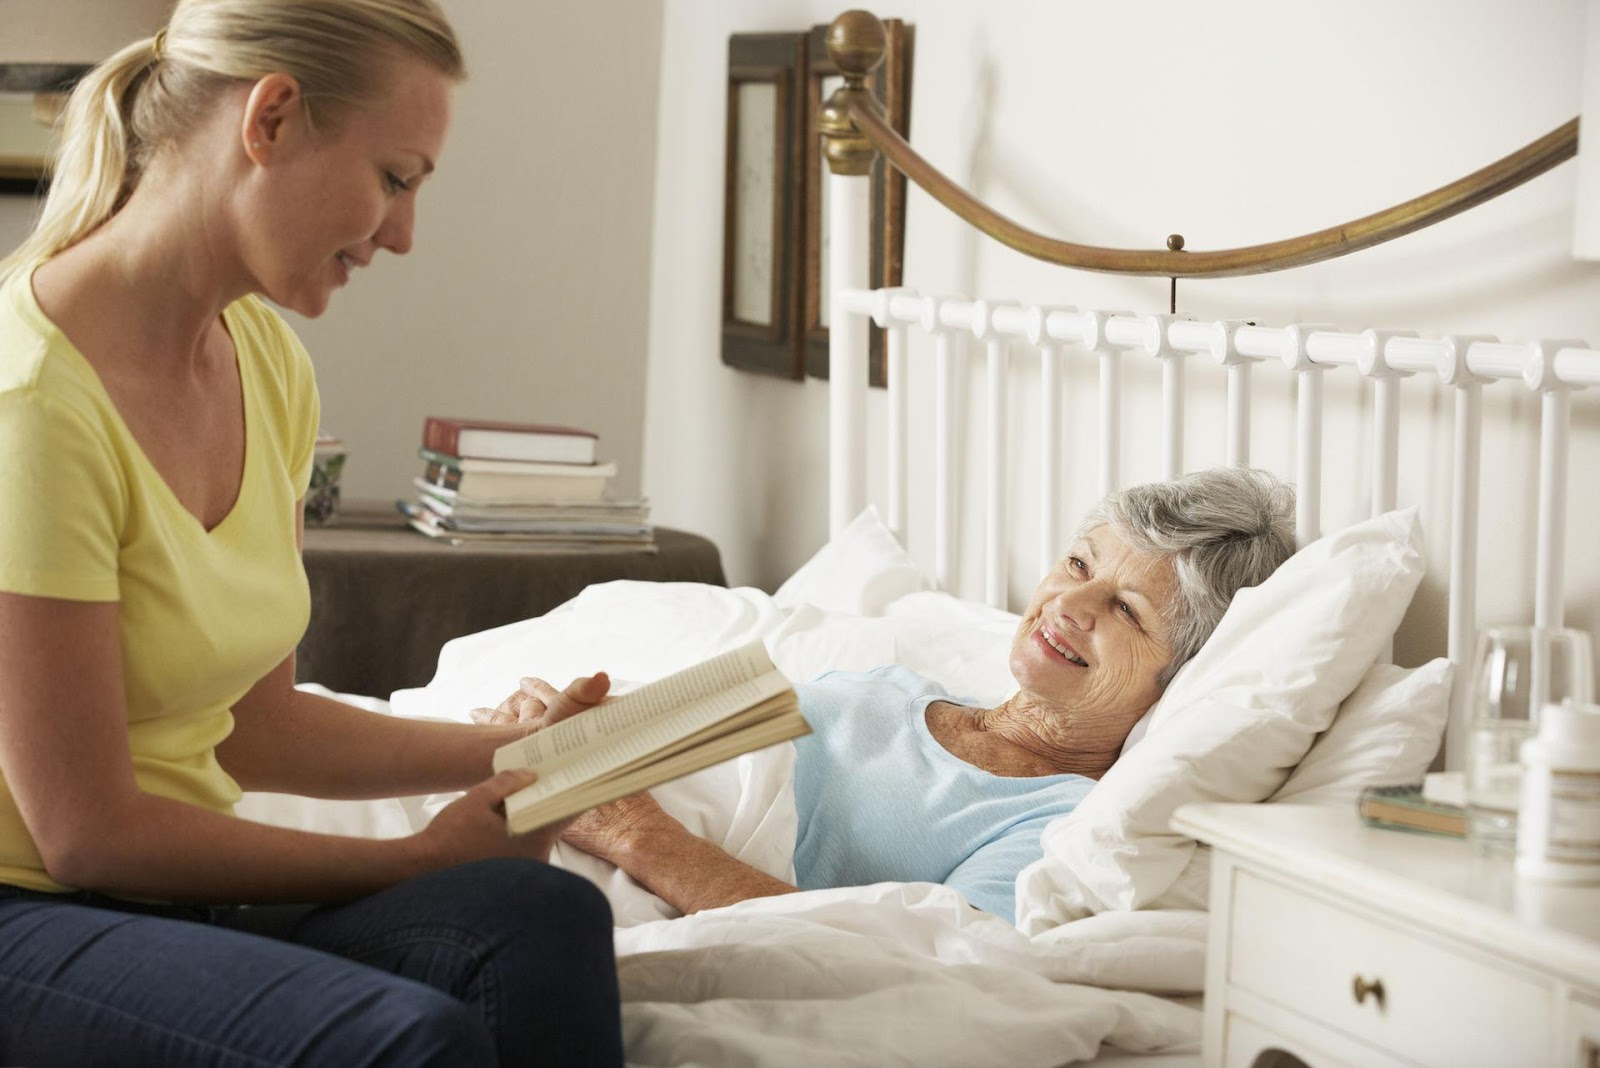 Нанять сиделку для лежачего больного в Симферополе, патронаж лежачих пожилых людей